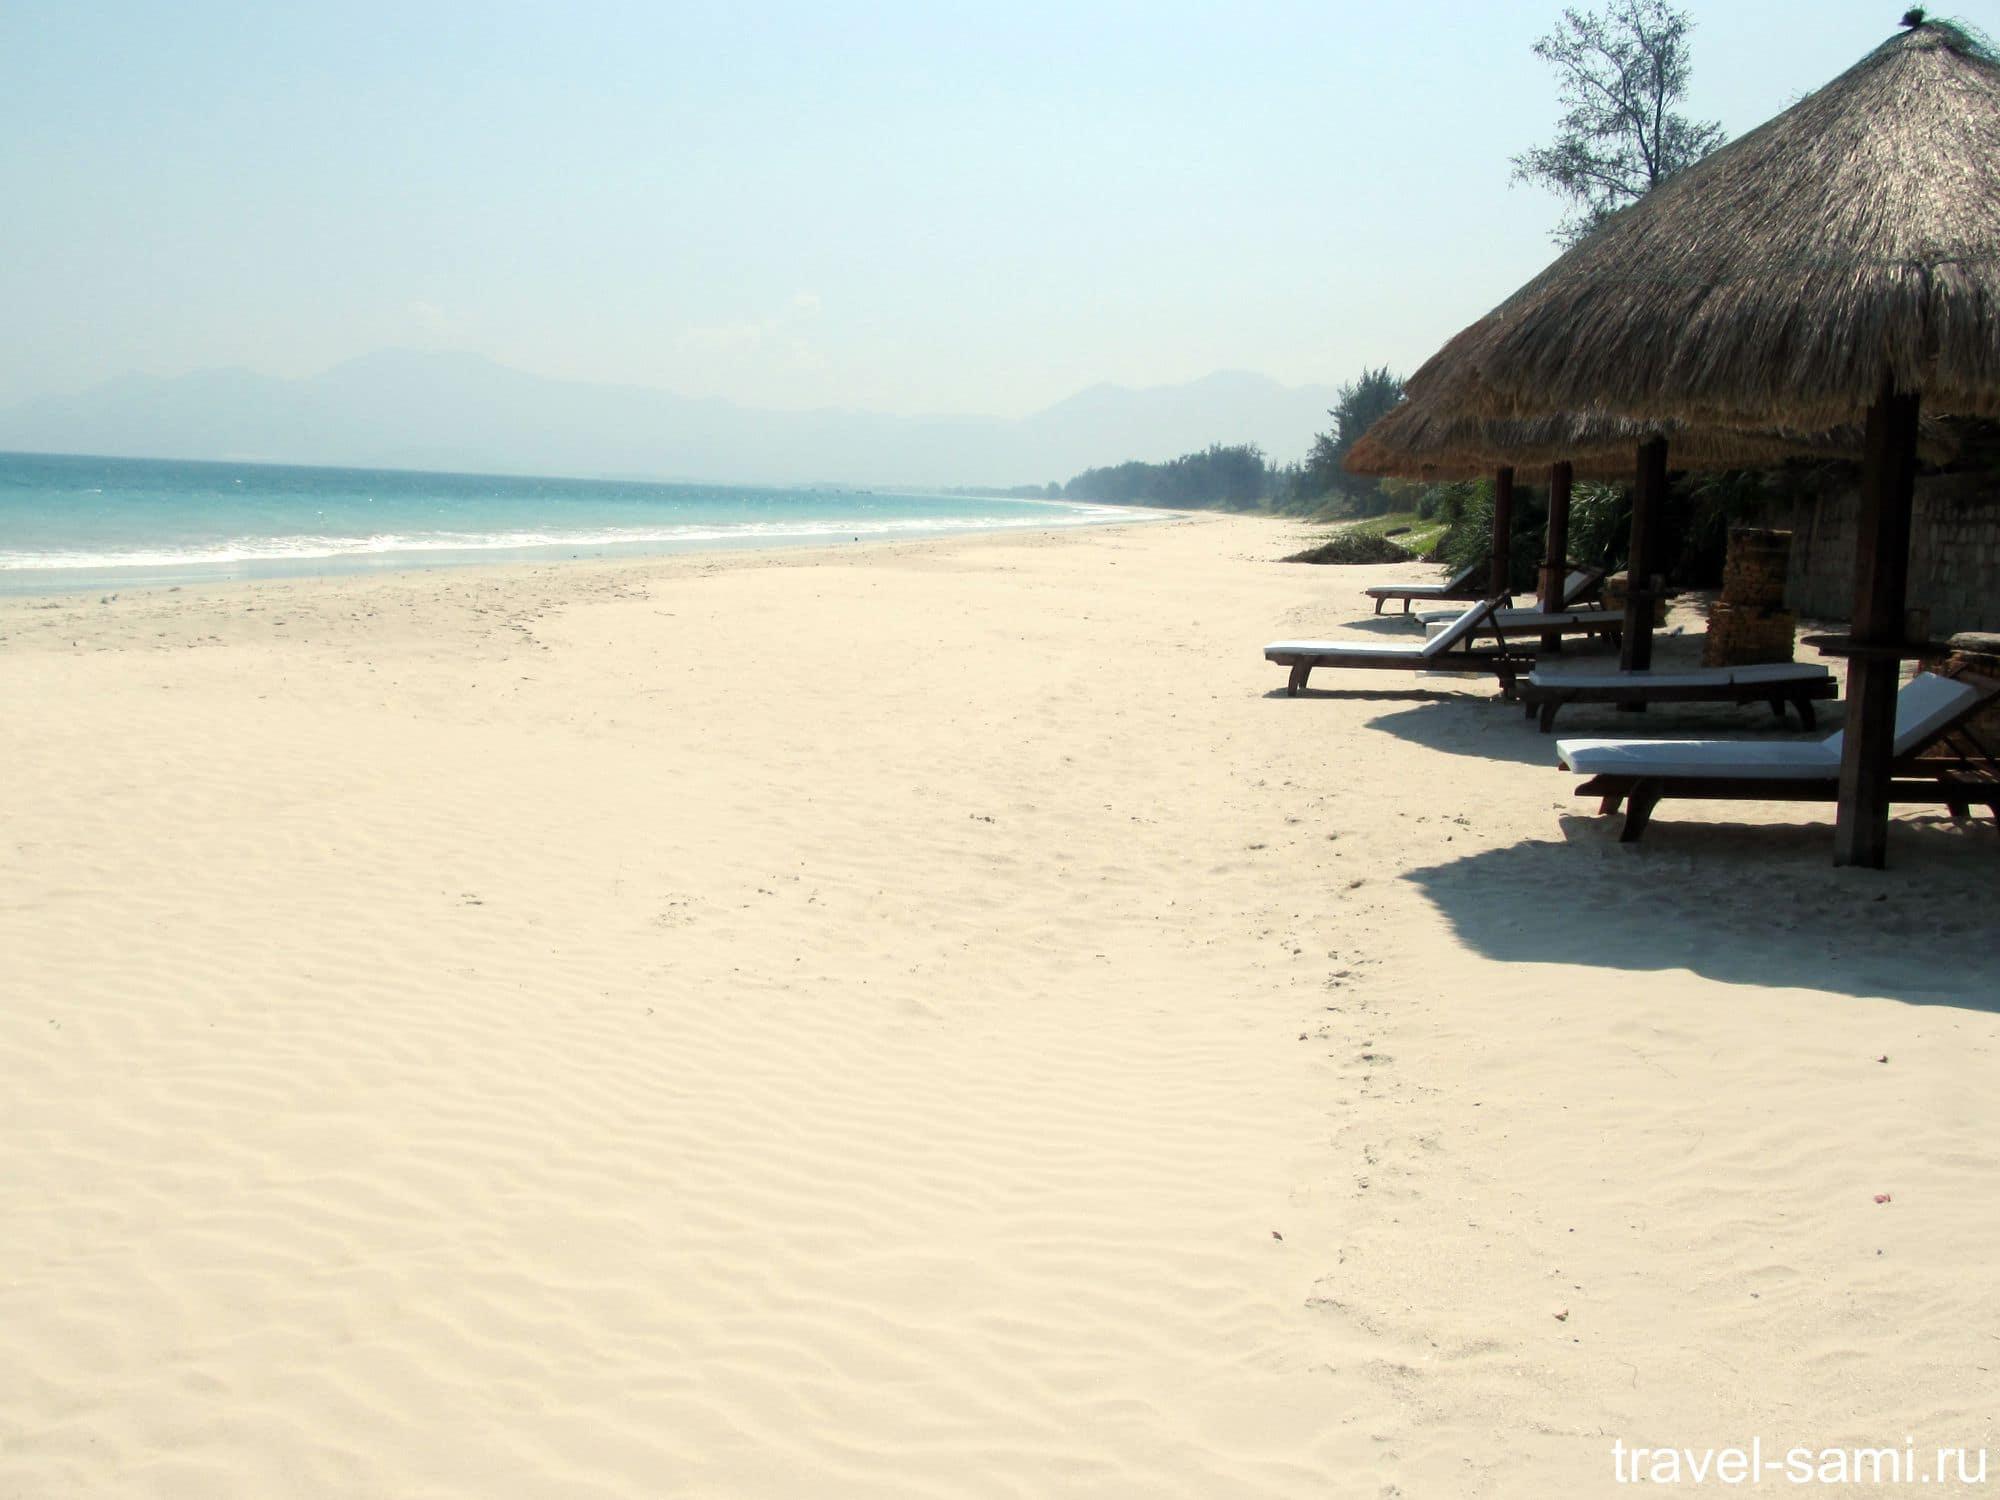 Пляж Зоклет во Вьетнаме